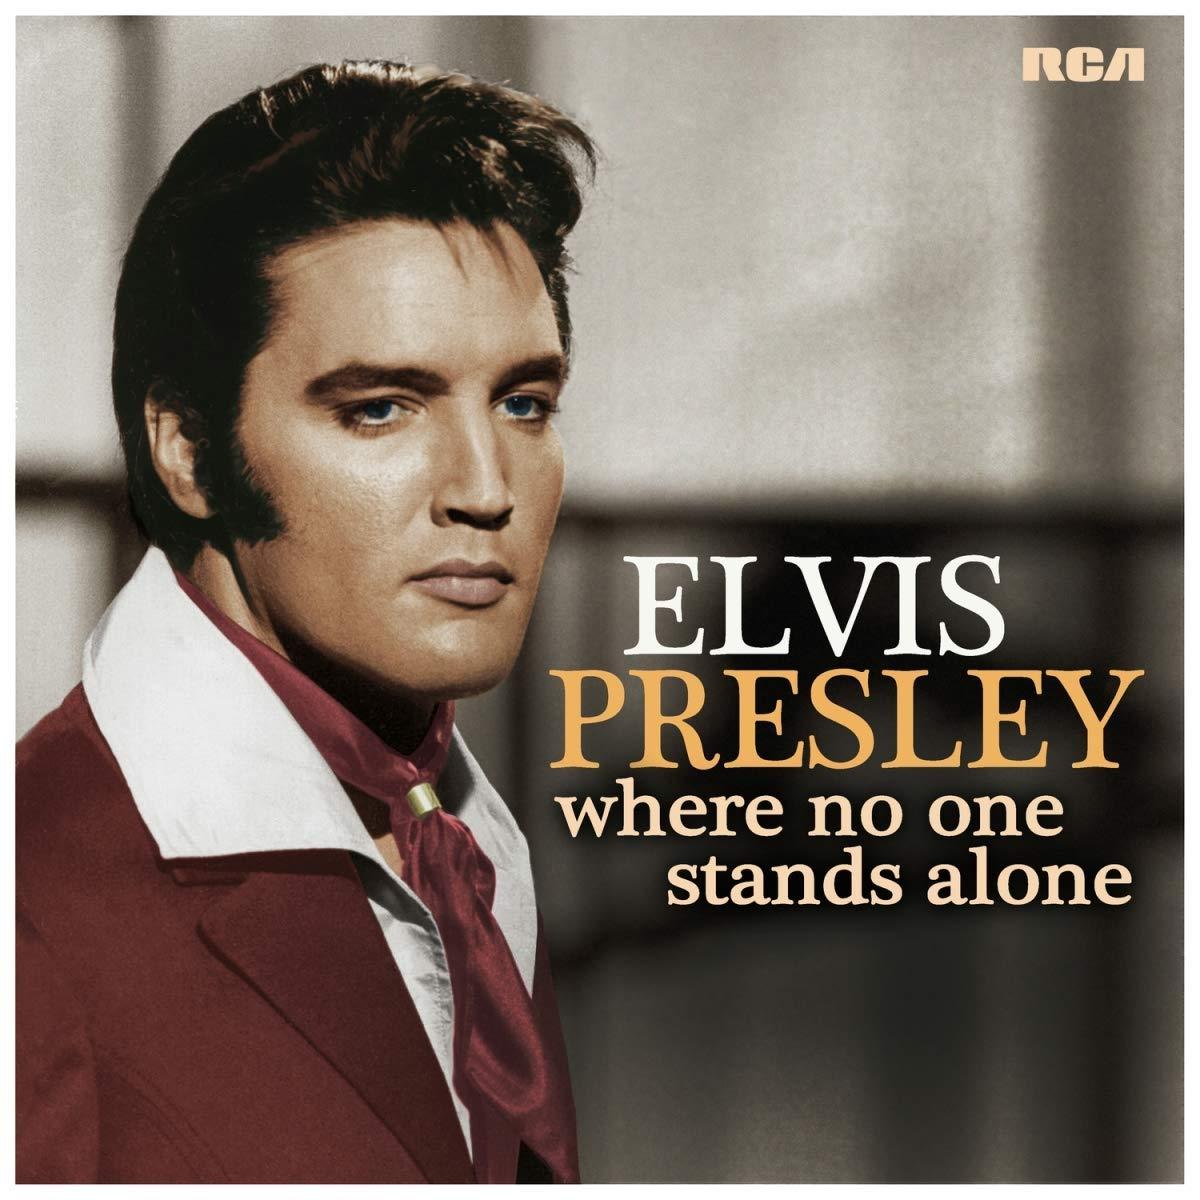 Элвис Пресли Elvis Presley. Where No One Stands Alone (LP) elvis presley elvis presley where no one stands alone